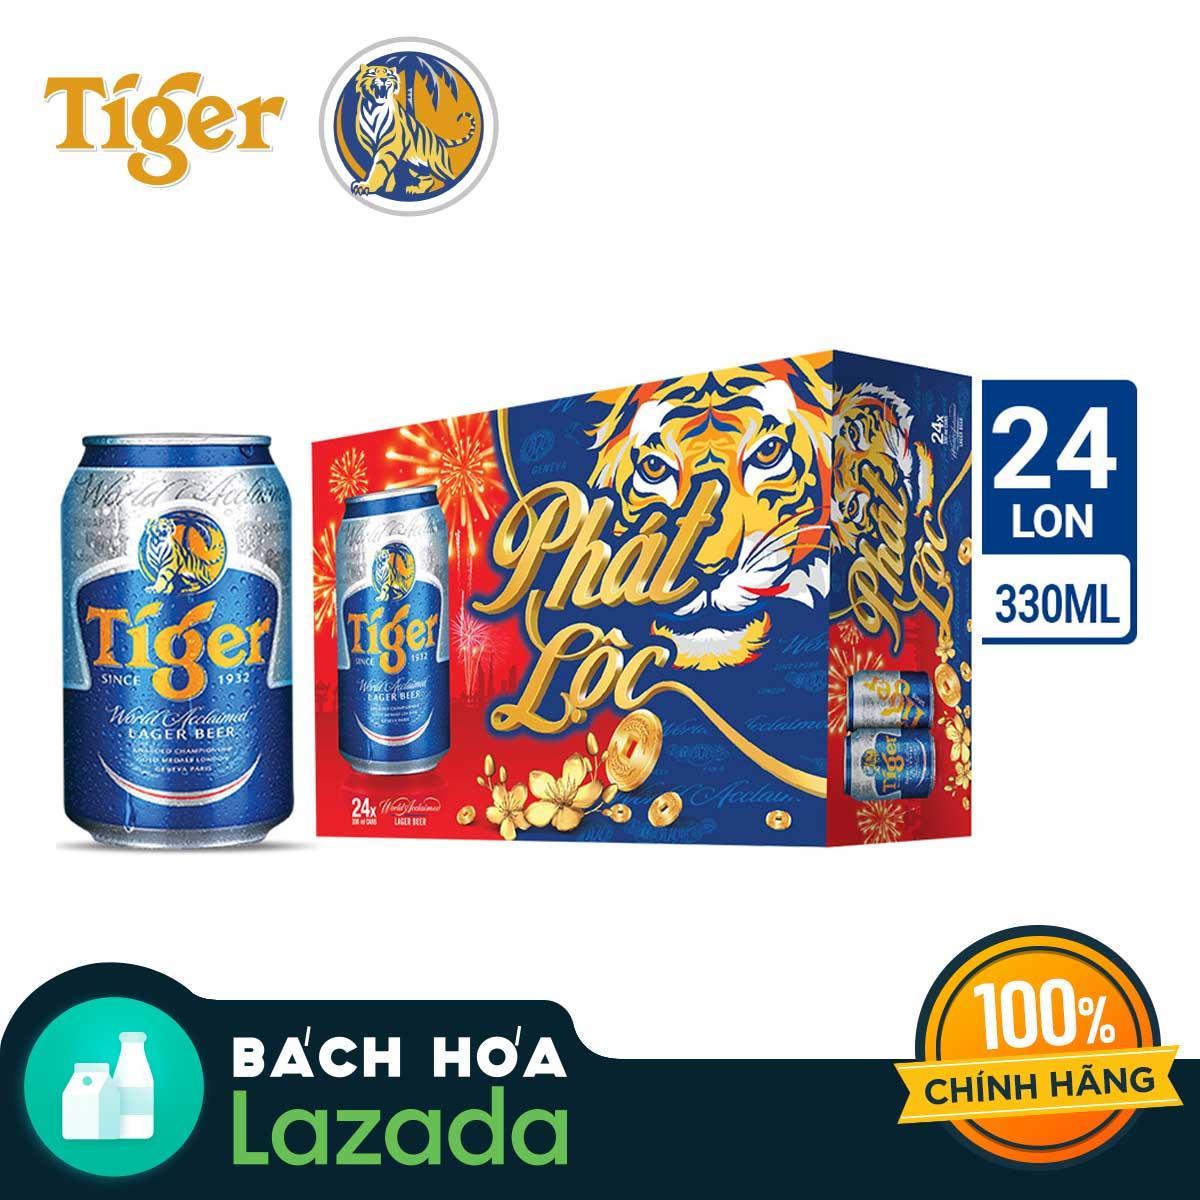 Thùng Bia 24 Lon Tiger 330ml Bao Bì Tết Giá Siêu Rẻ